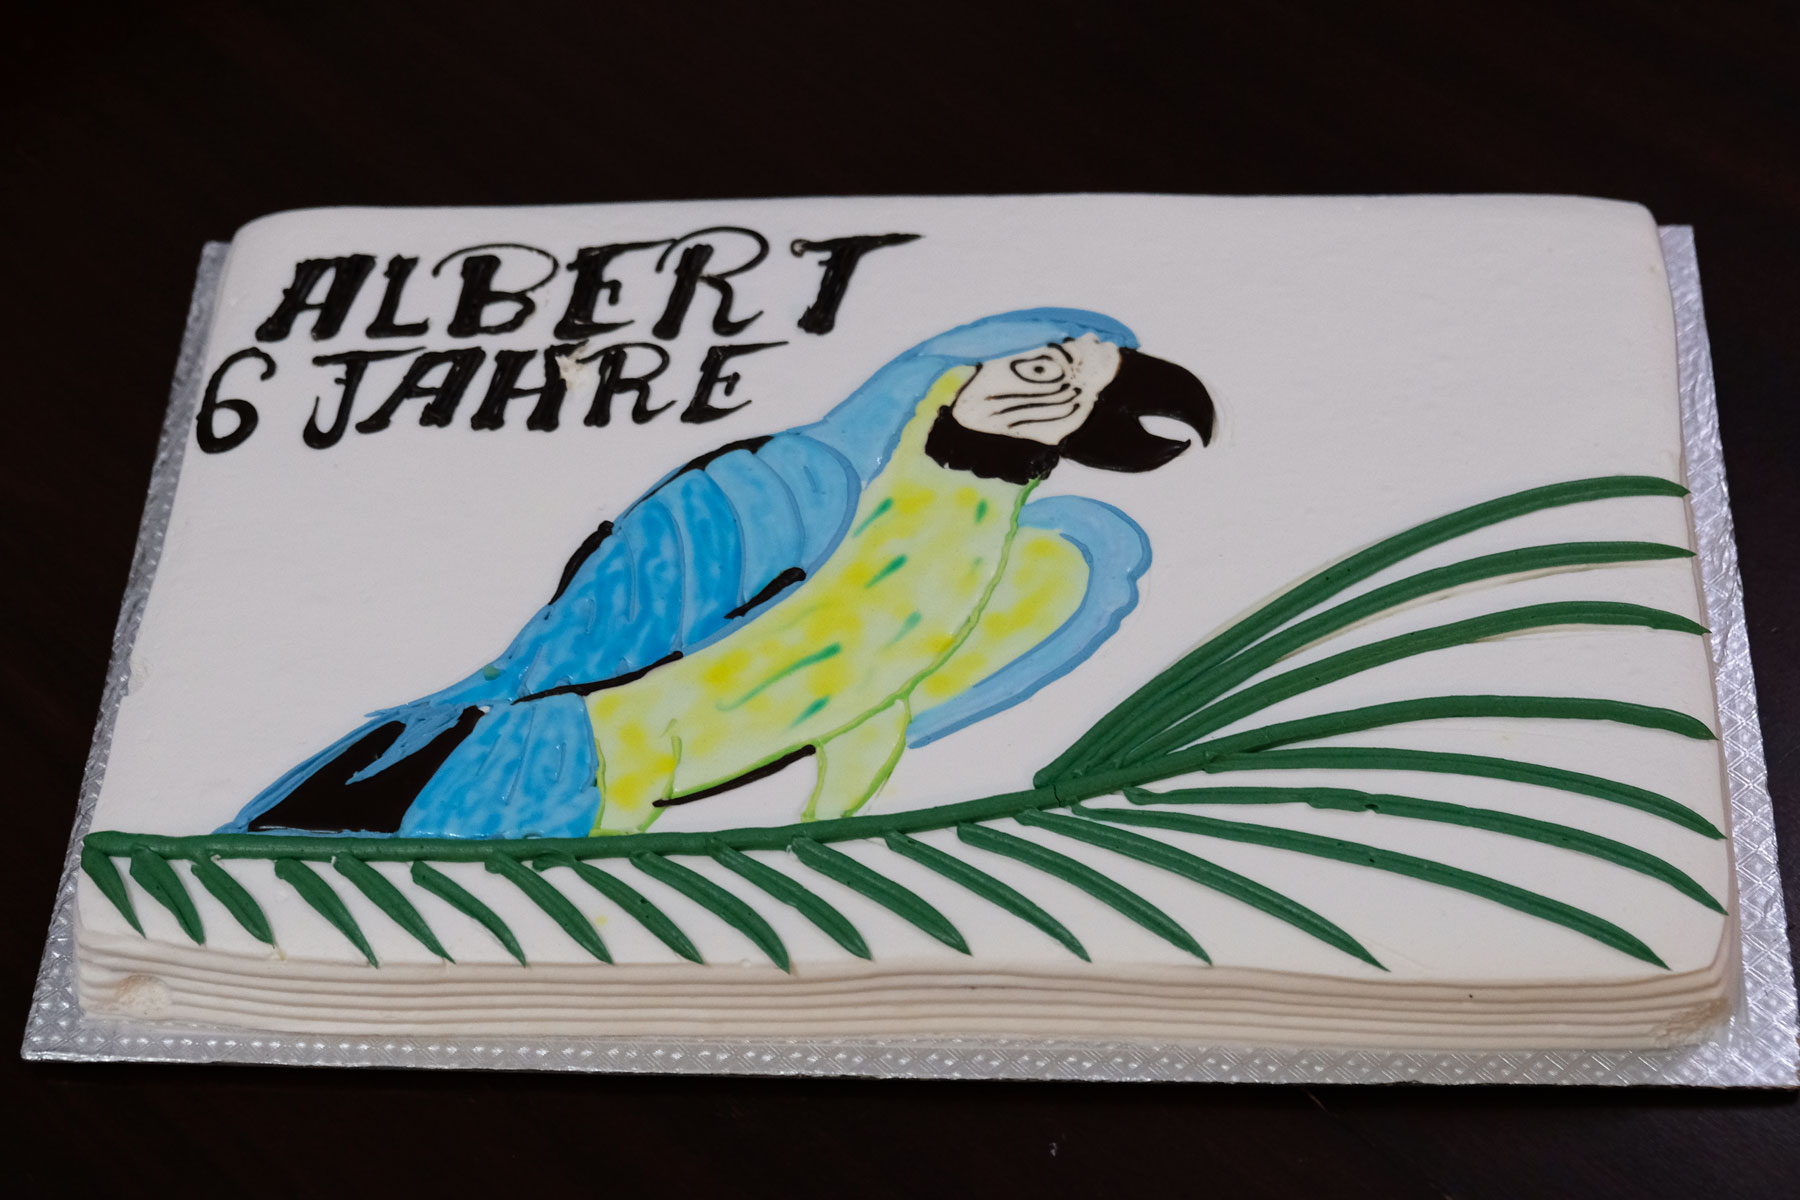 """Ein Geburtstagskuchen mit einem Papagei und der Aufschrift """"Albert 6 Jahre""""."""